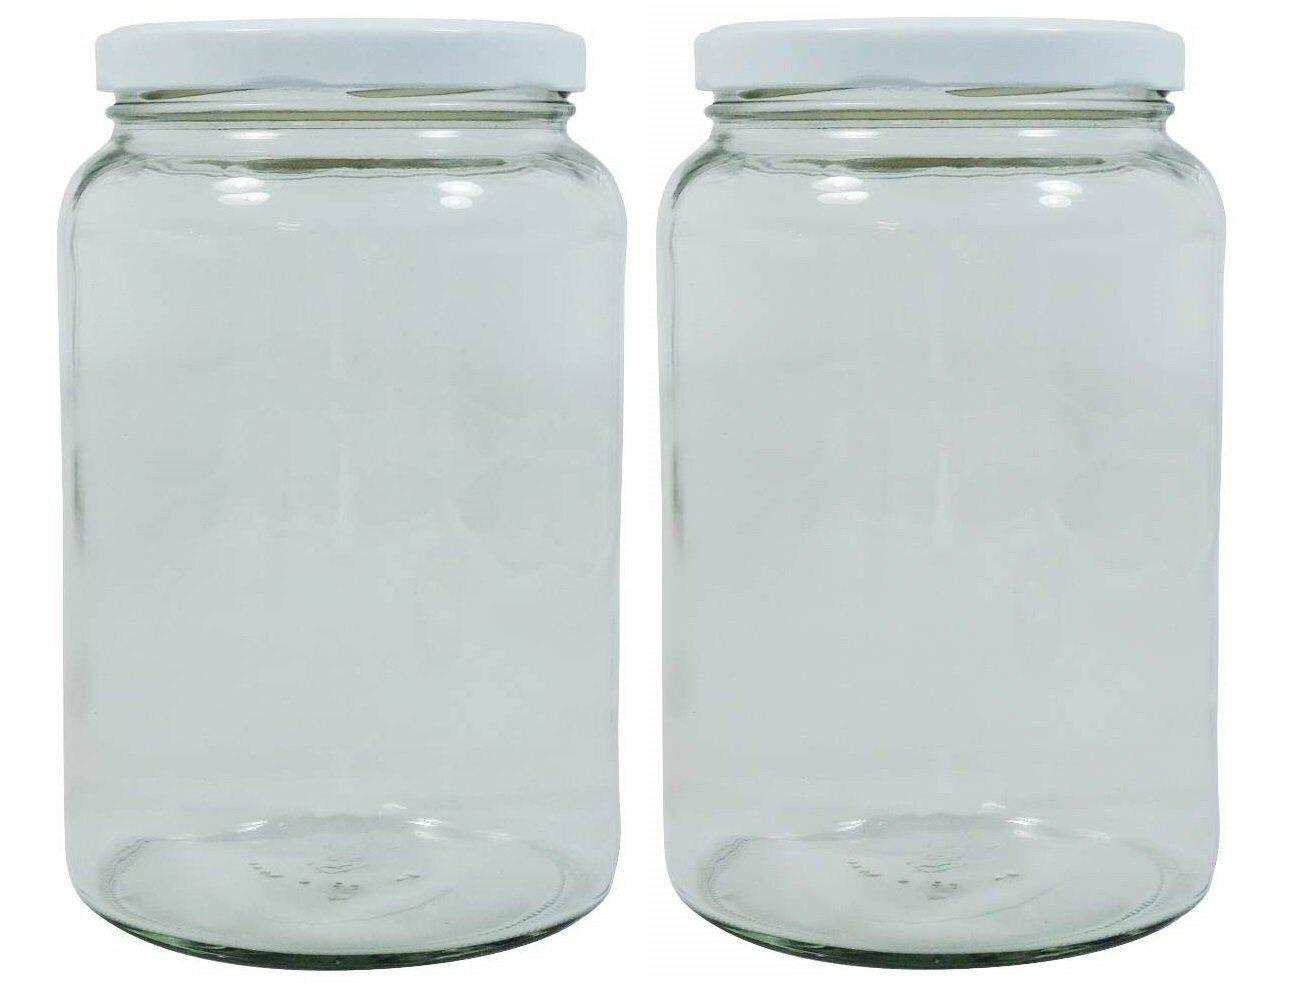 Einmachgläser 1 Liter : mikken 2 grosse einmachgl ser 1 7 liter vorratsgl ser mit deckel etiketten wei ebay ~ Watch28wear.com Haus und Dekorationen